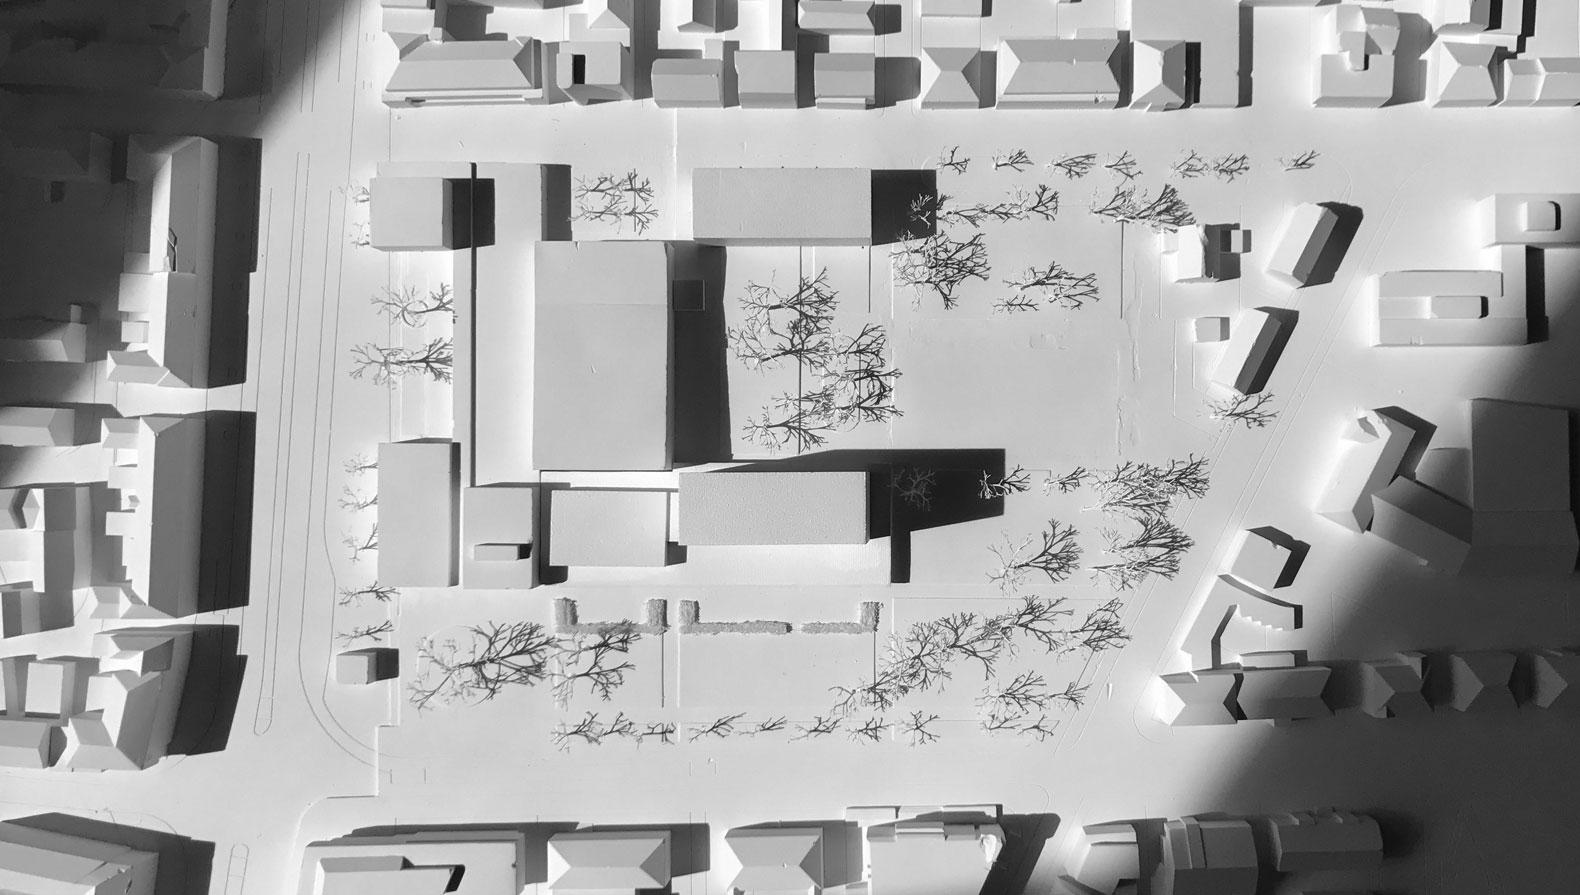 Städtebaulicher Entwurf mit Hotel und Boardinghouse